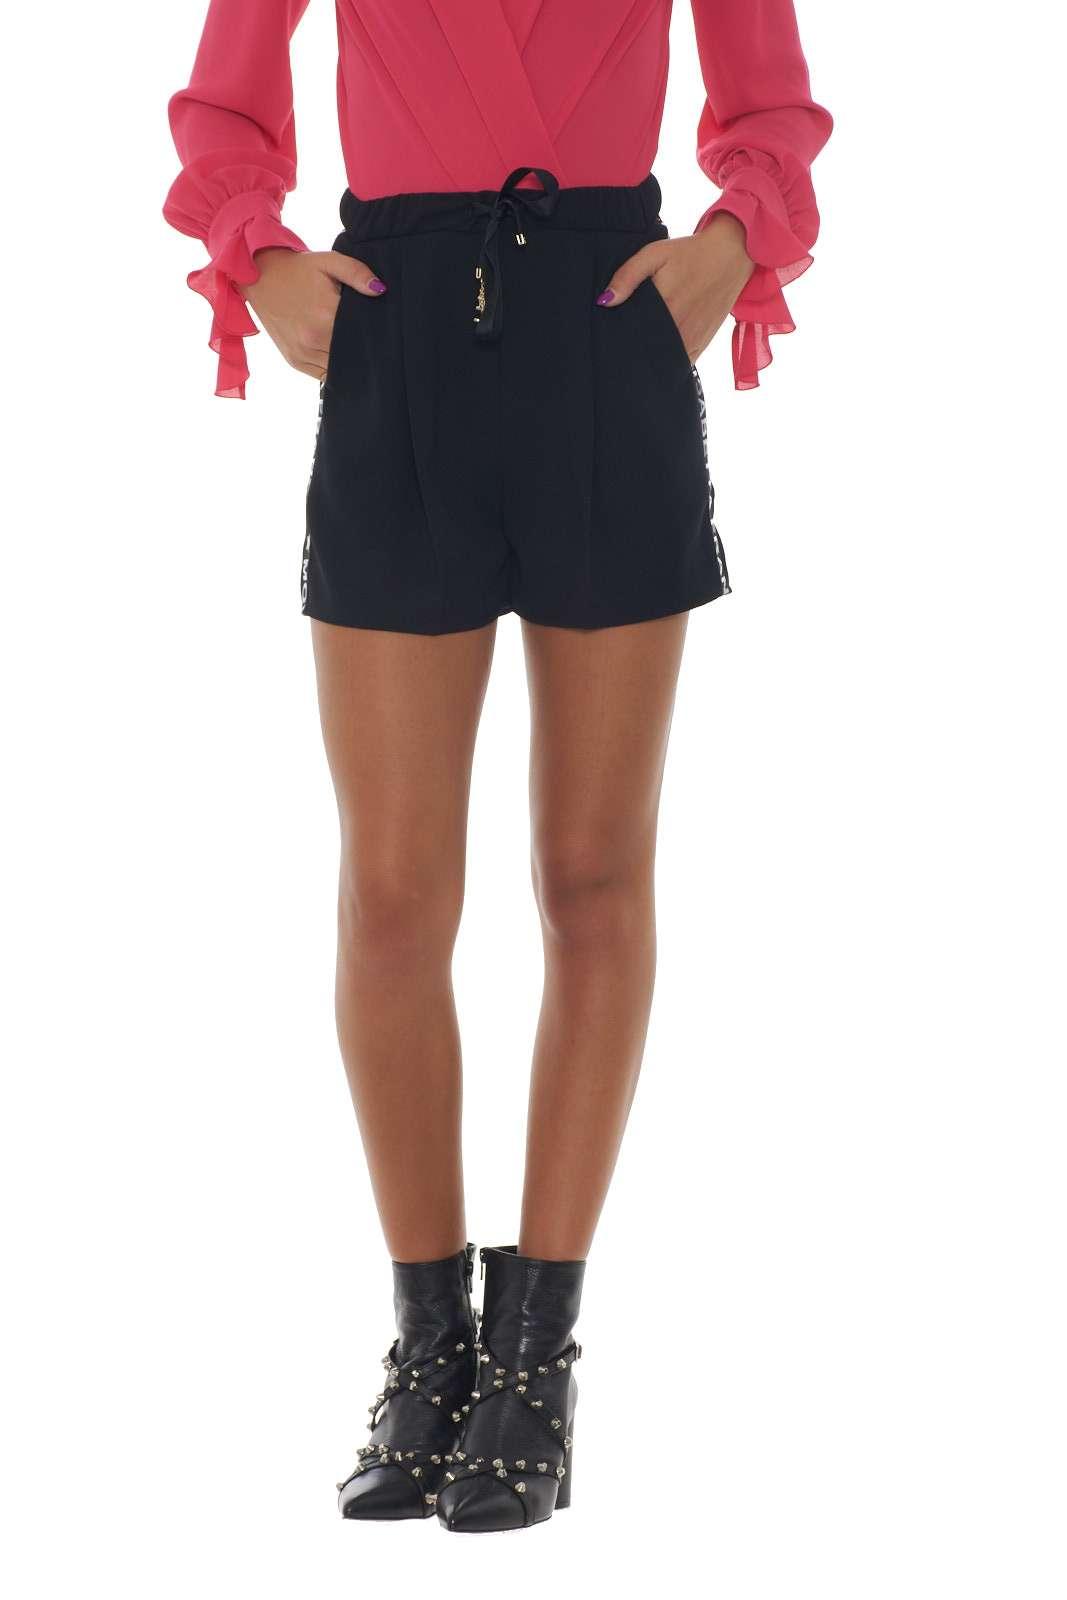 https://www.parmax.com/media/catalog/product/a/i/AI-outlet_parmax-shorts-donna-Elisabetta-Franchi-SH03496E2-A.jpg